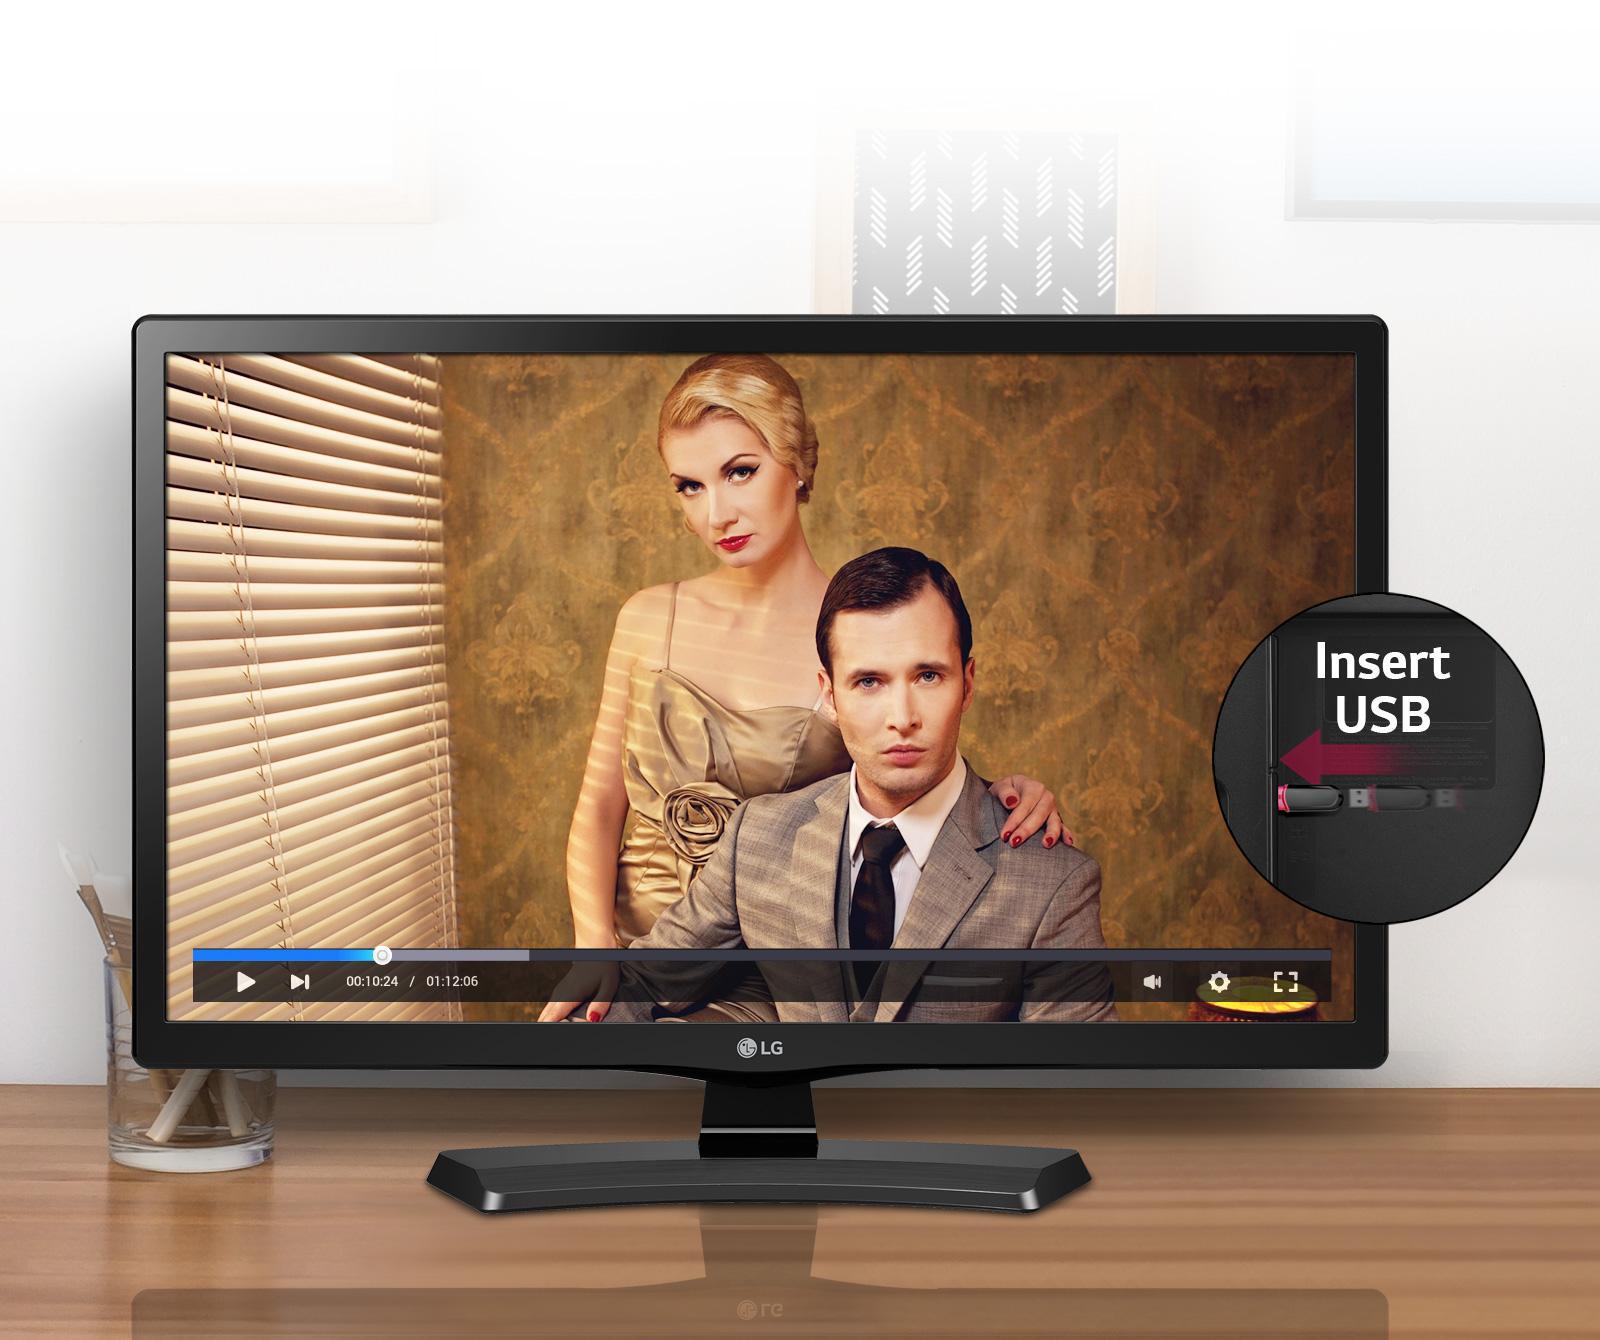 LG 20MT48AF LED TV [20 Inch] FREE PACK KAYU LUAR KOTA